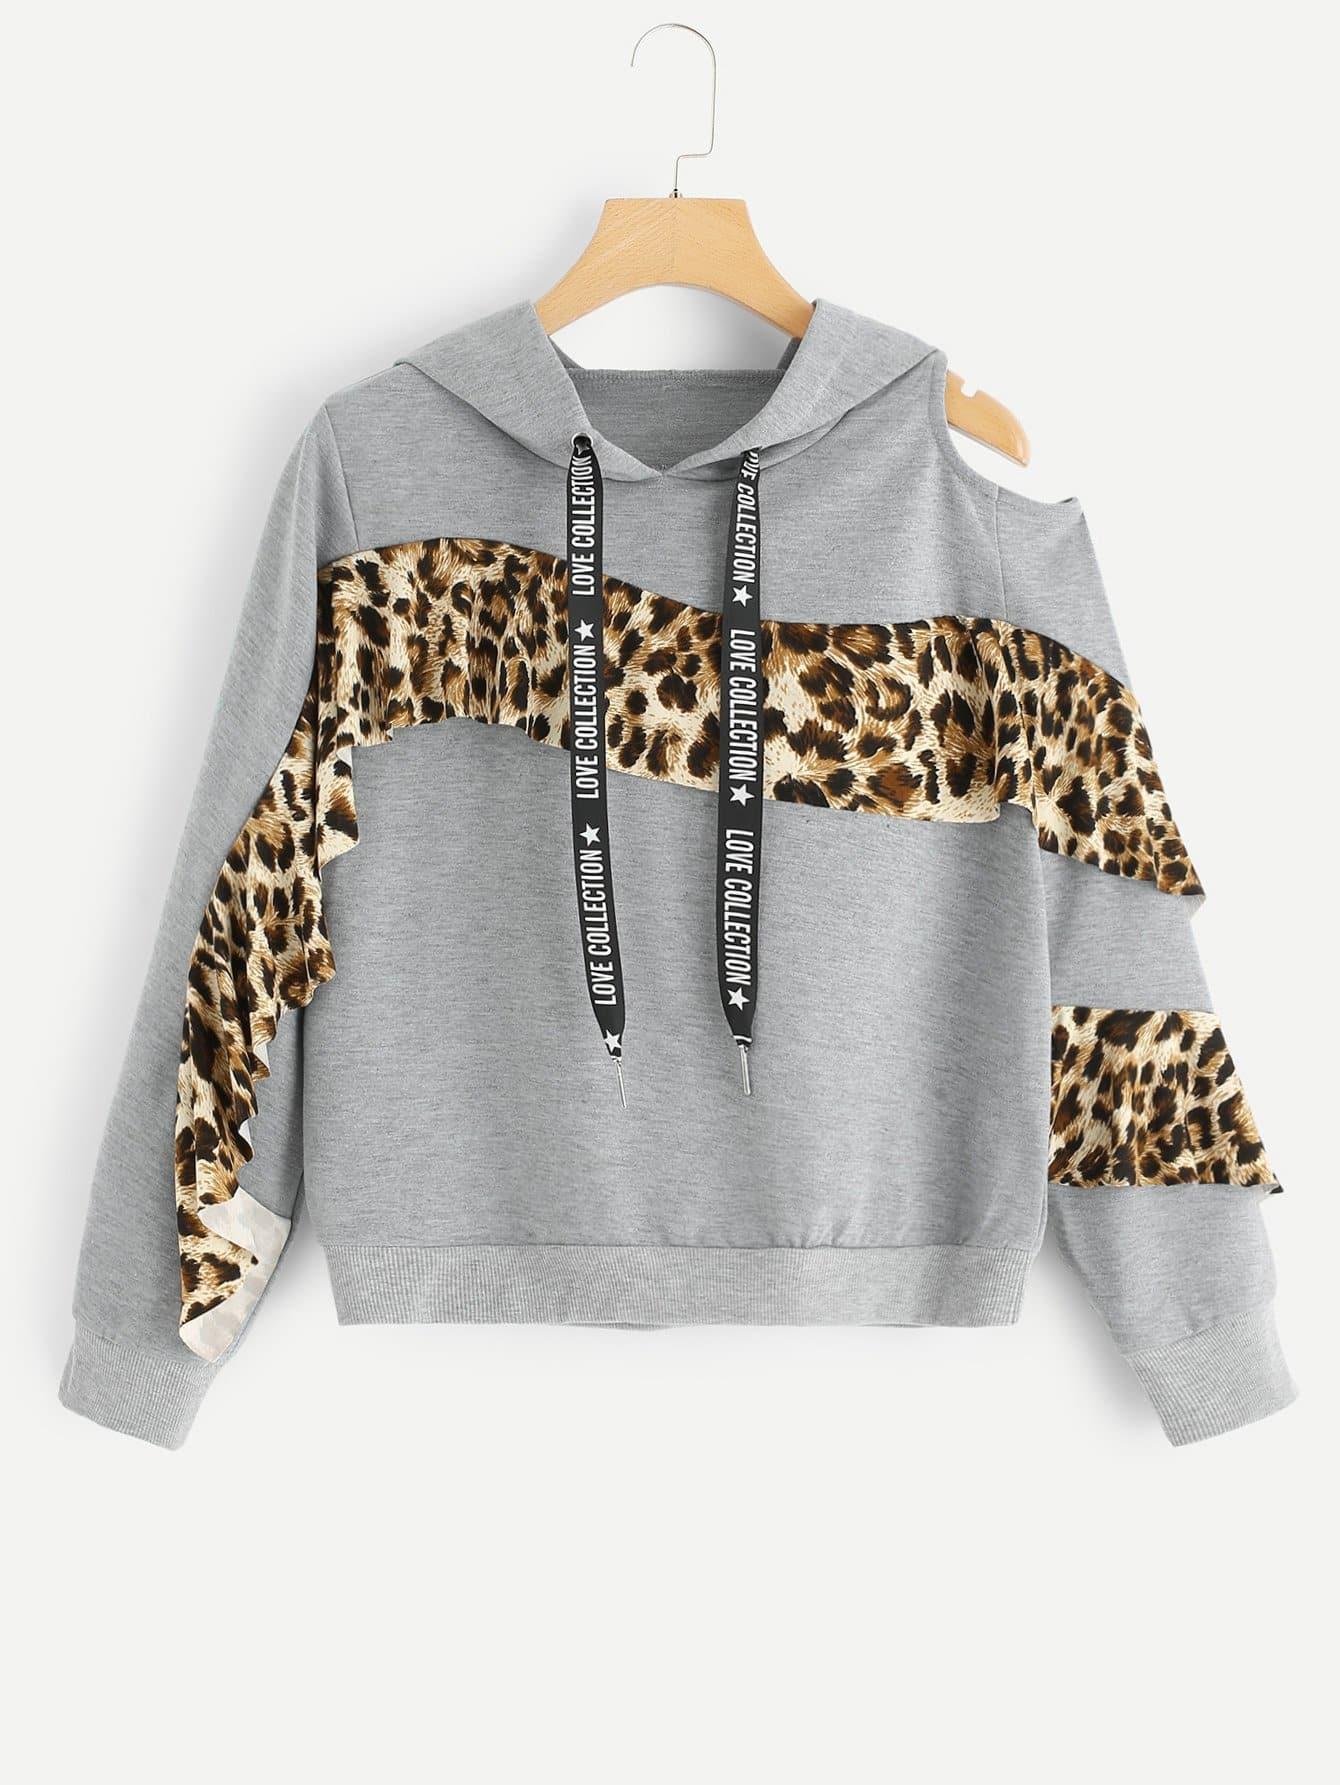 Купить Повседневный Леопард с разрезом Пуловеры Серый Свитшоты, null, SheIn